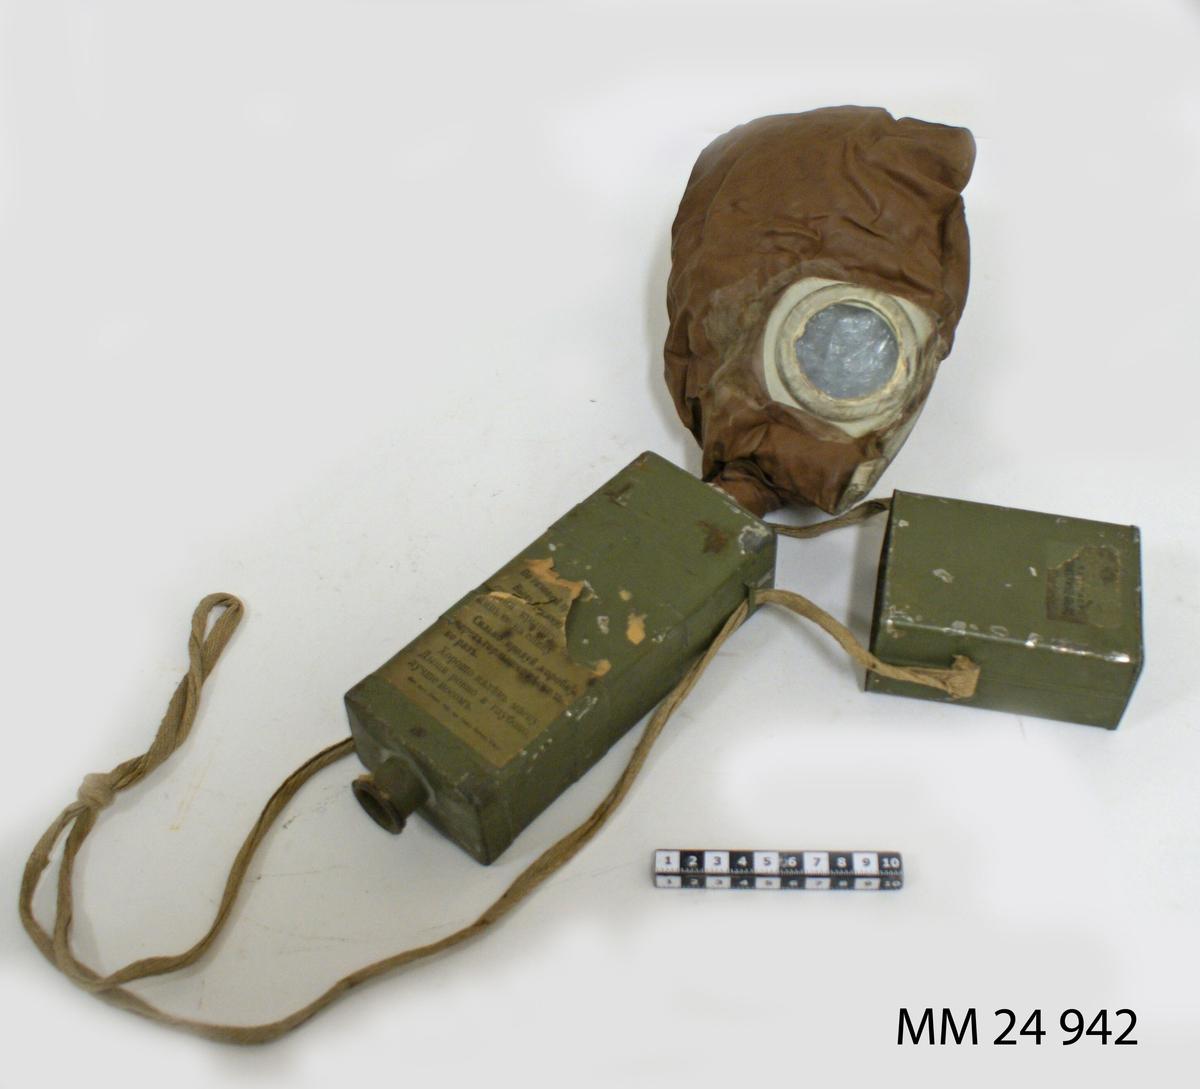 """Gasmask, Zelinsky Kummant modell 16 kallad """"Moscow"""". Rektangulär låda av plåt, grönmålad. Avtagbart lock som rymmer masken. Masken är av brunt gummi med runda titthål av glas. Gasmasken är fäst i pipa i filterlådan. Filtret är ett kolfilter med en linning av bomull som hindrar inandning av kolet. Pipa i filterlådans botten. Locket och filterlådan sitter sammen med textilsnöre som även gör att gasmasken kan hängas runt halsen. Diverse pappersettiketter med rysk text sitter på filterbehållaren: """"CEPIR 296"""" mm."""